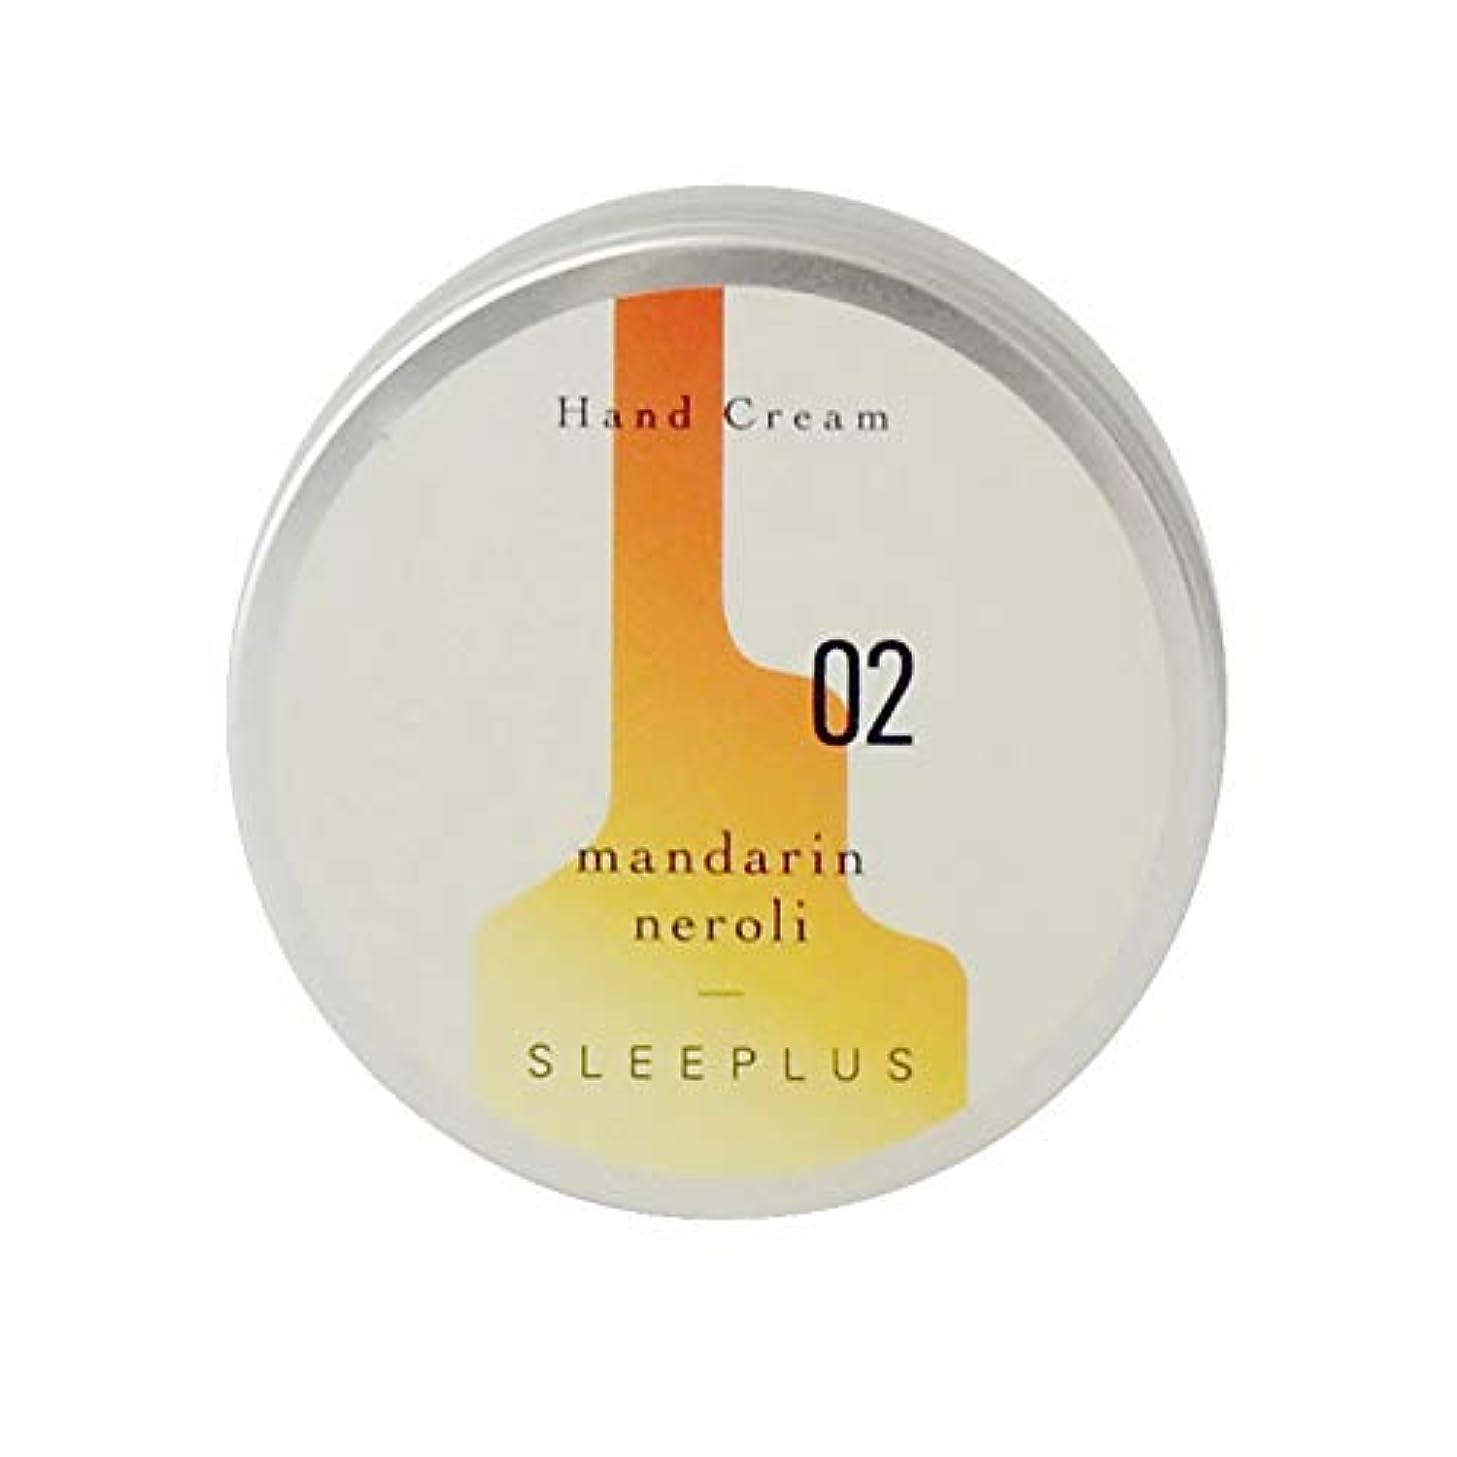 シンジケート明らかにする汚物Heavenly Aroom ハンドクリーム SLEEPLUS 02 マンダリンネロリ 75g